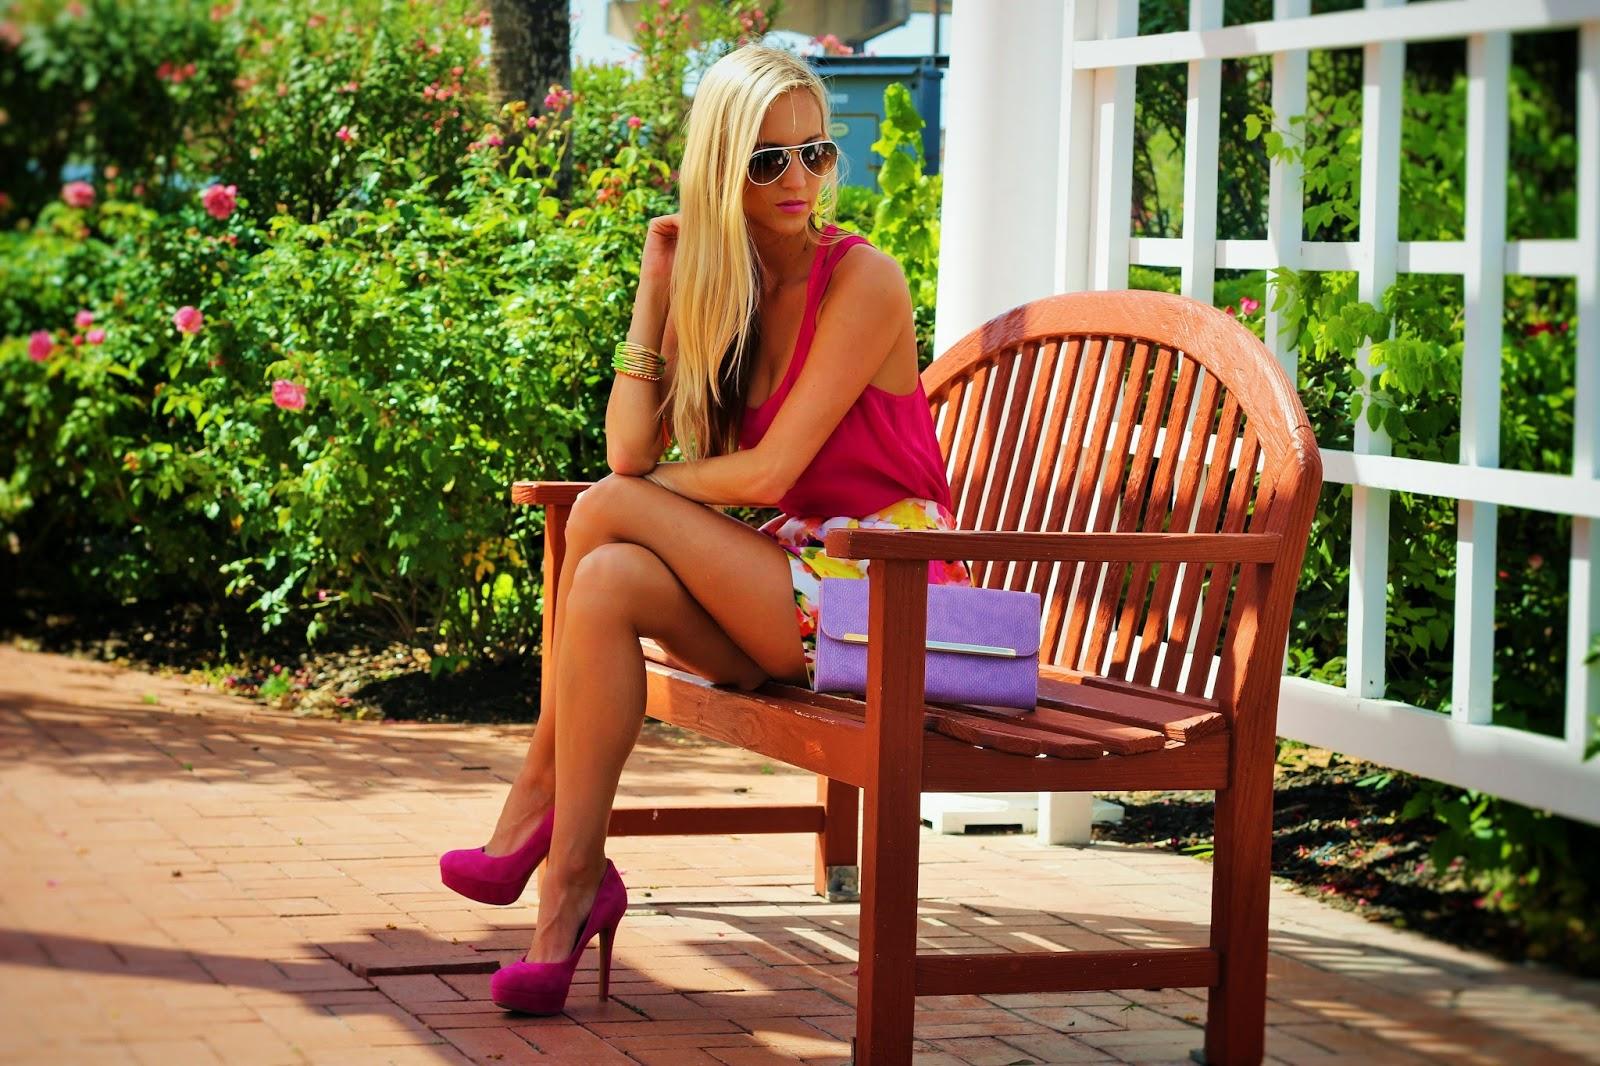 http://www.fabphilosophy.blogspot.com/2014/05/summertime-barbie-girl.html